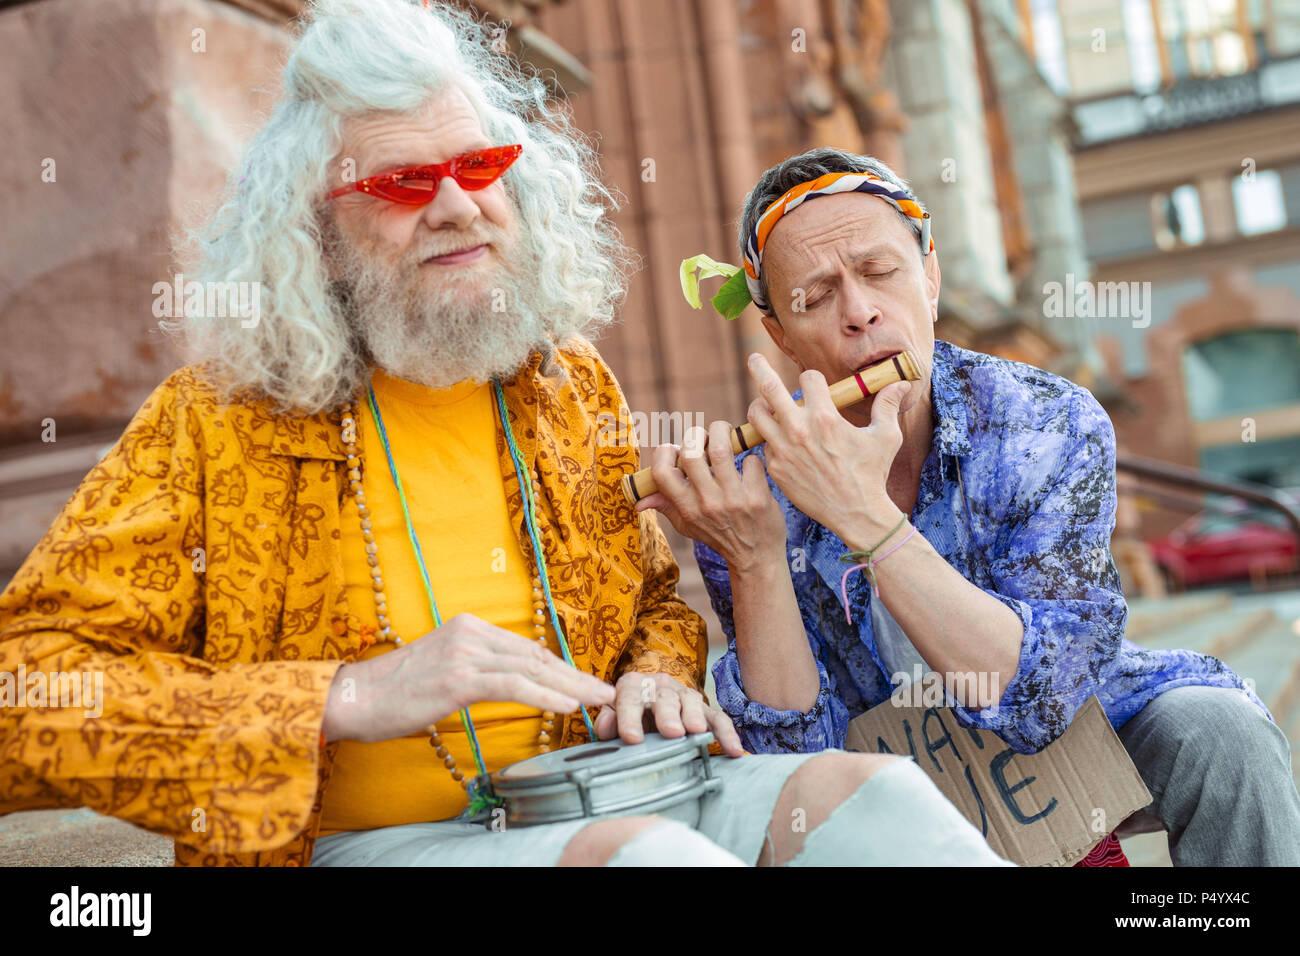 Two elderly flower-children enjoying their street performance - Stock Image